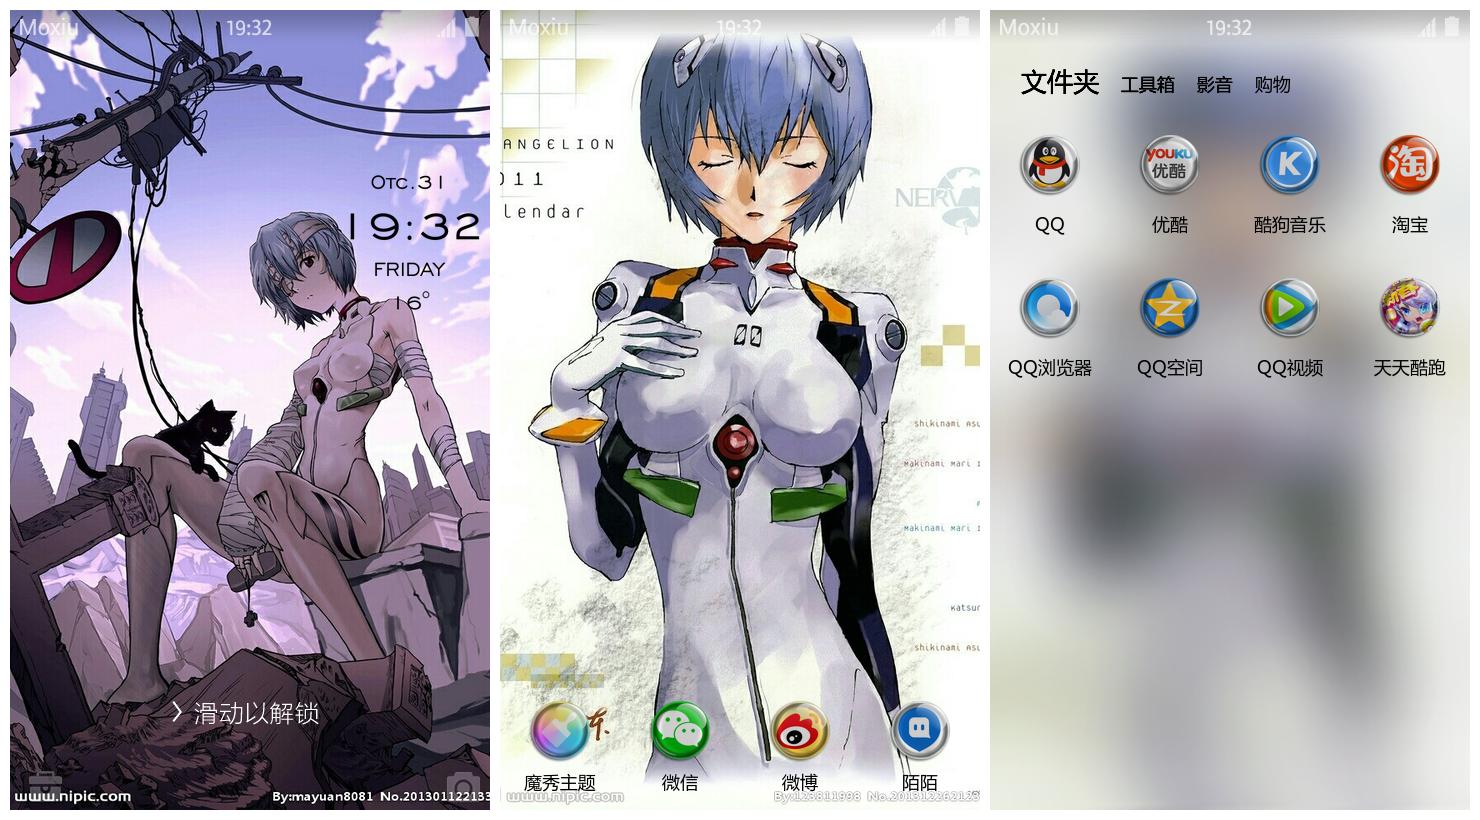 新世纪福音战士手机主题,绫波丽手机主题,动漫手机主题